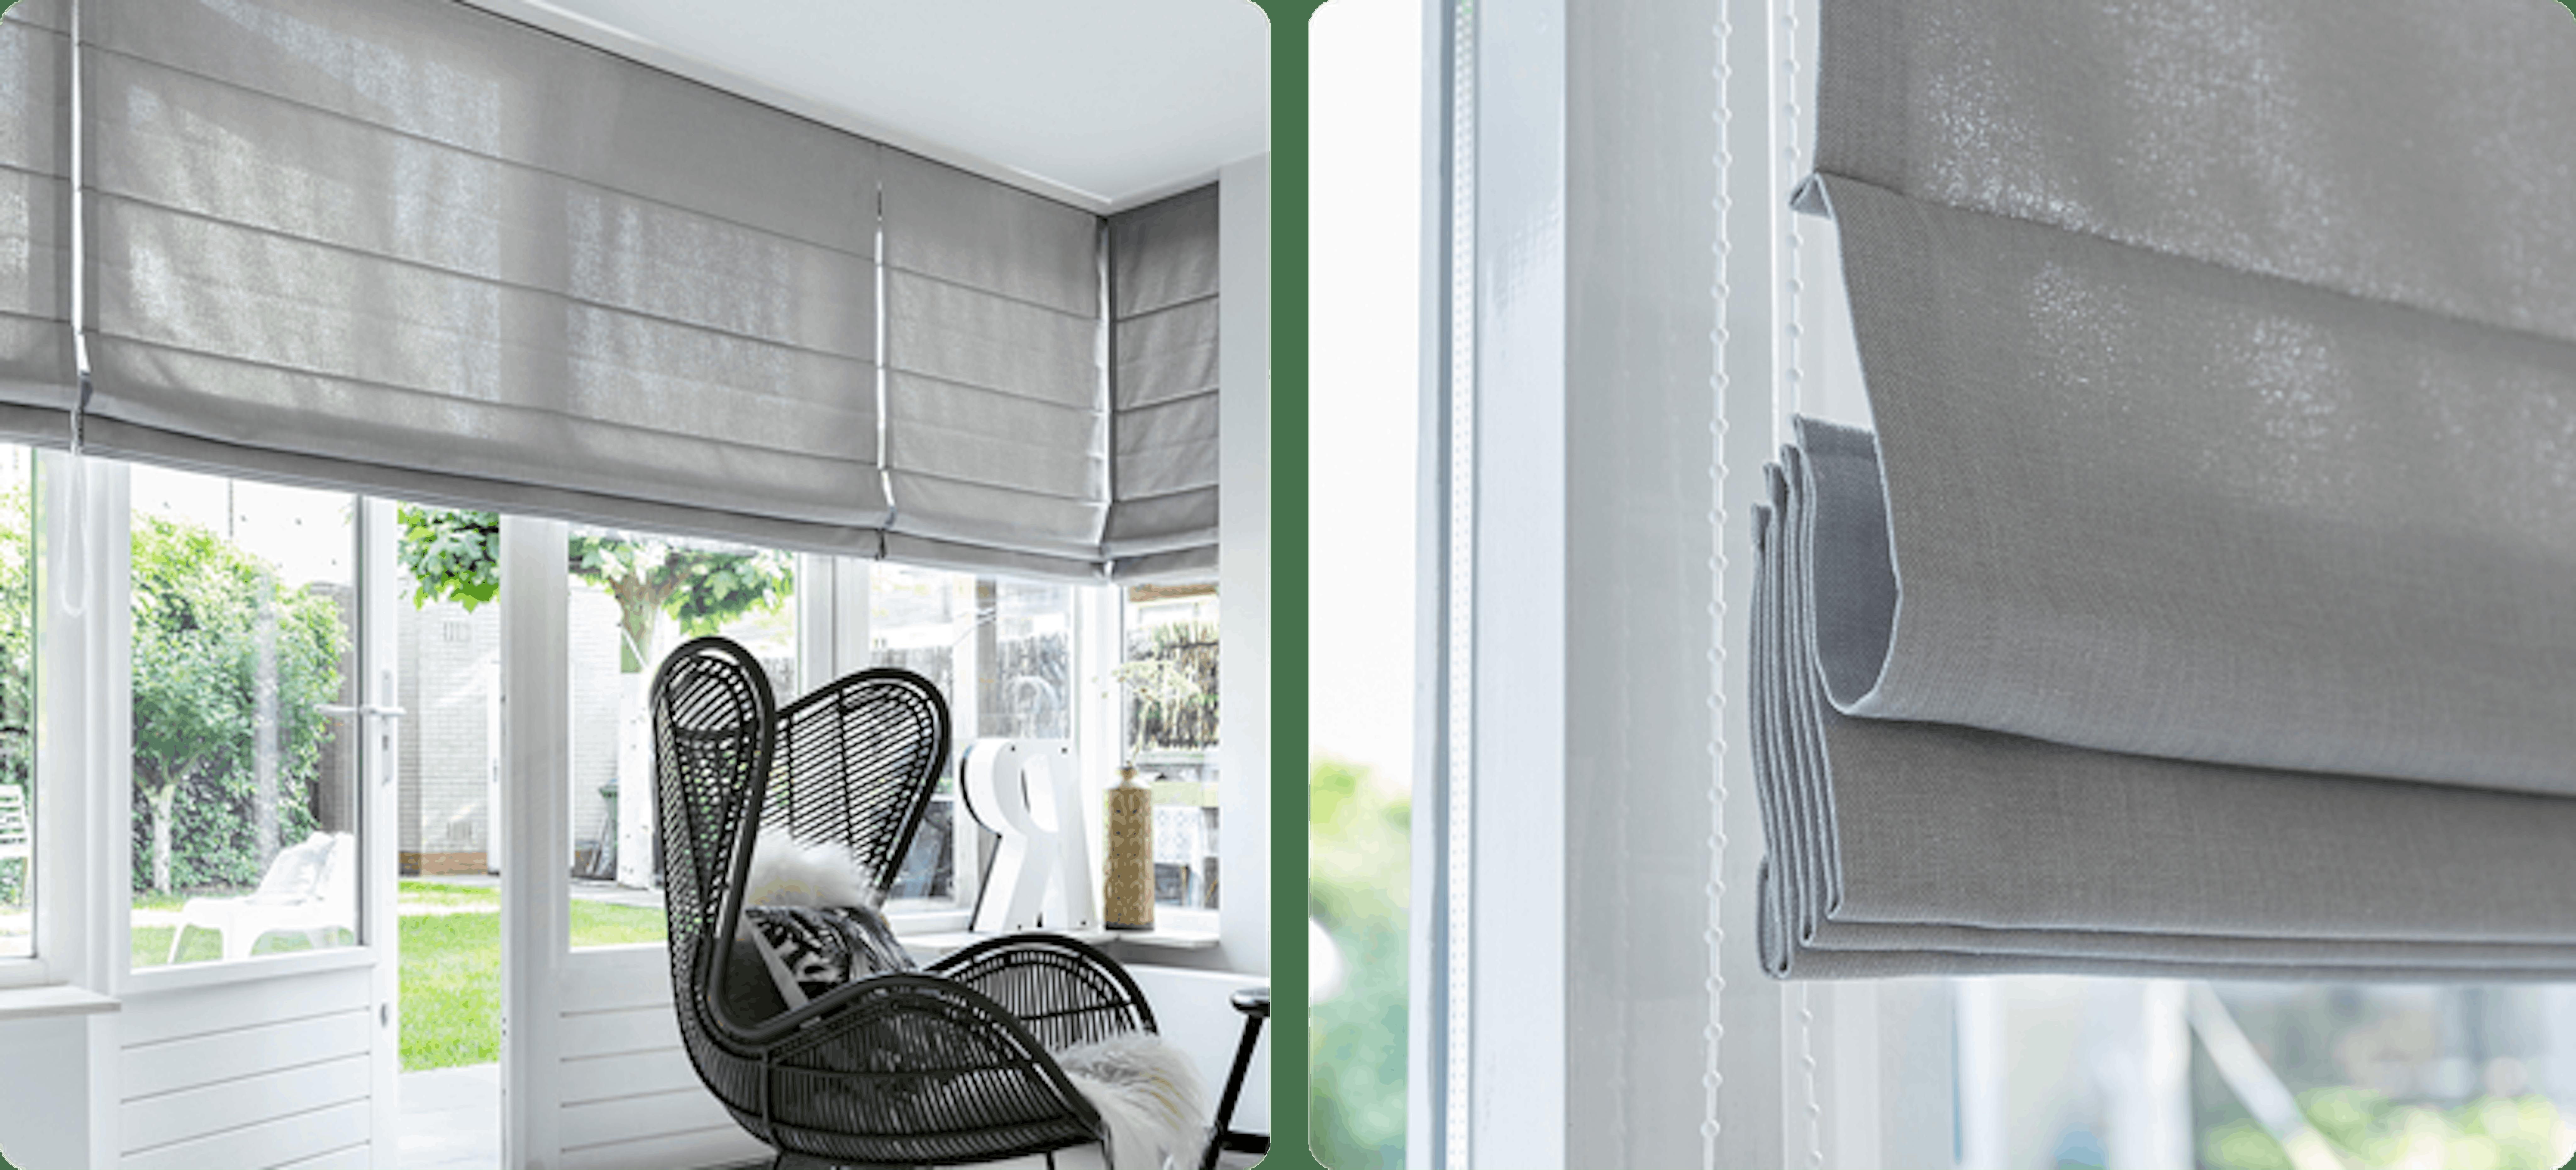 Raamdecoratie voor openslaande deuren